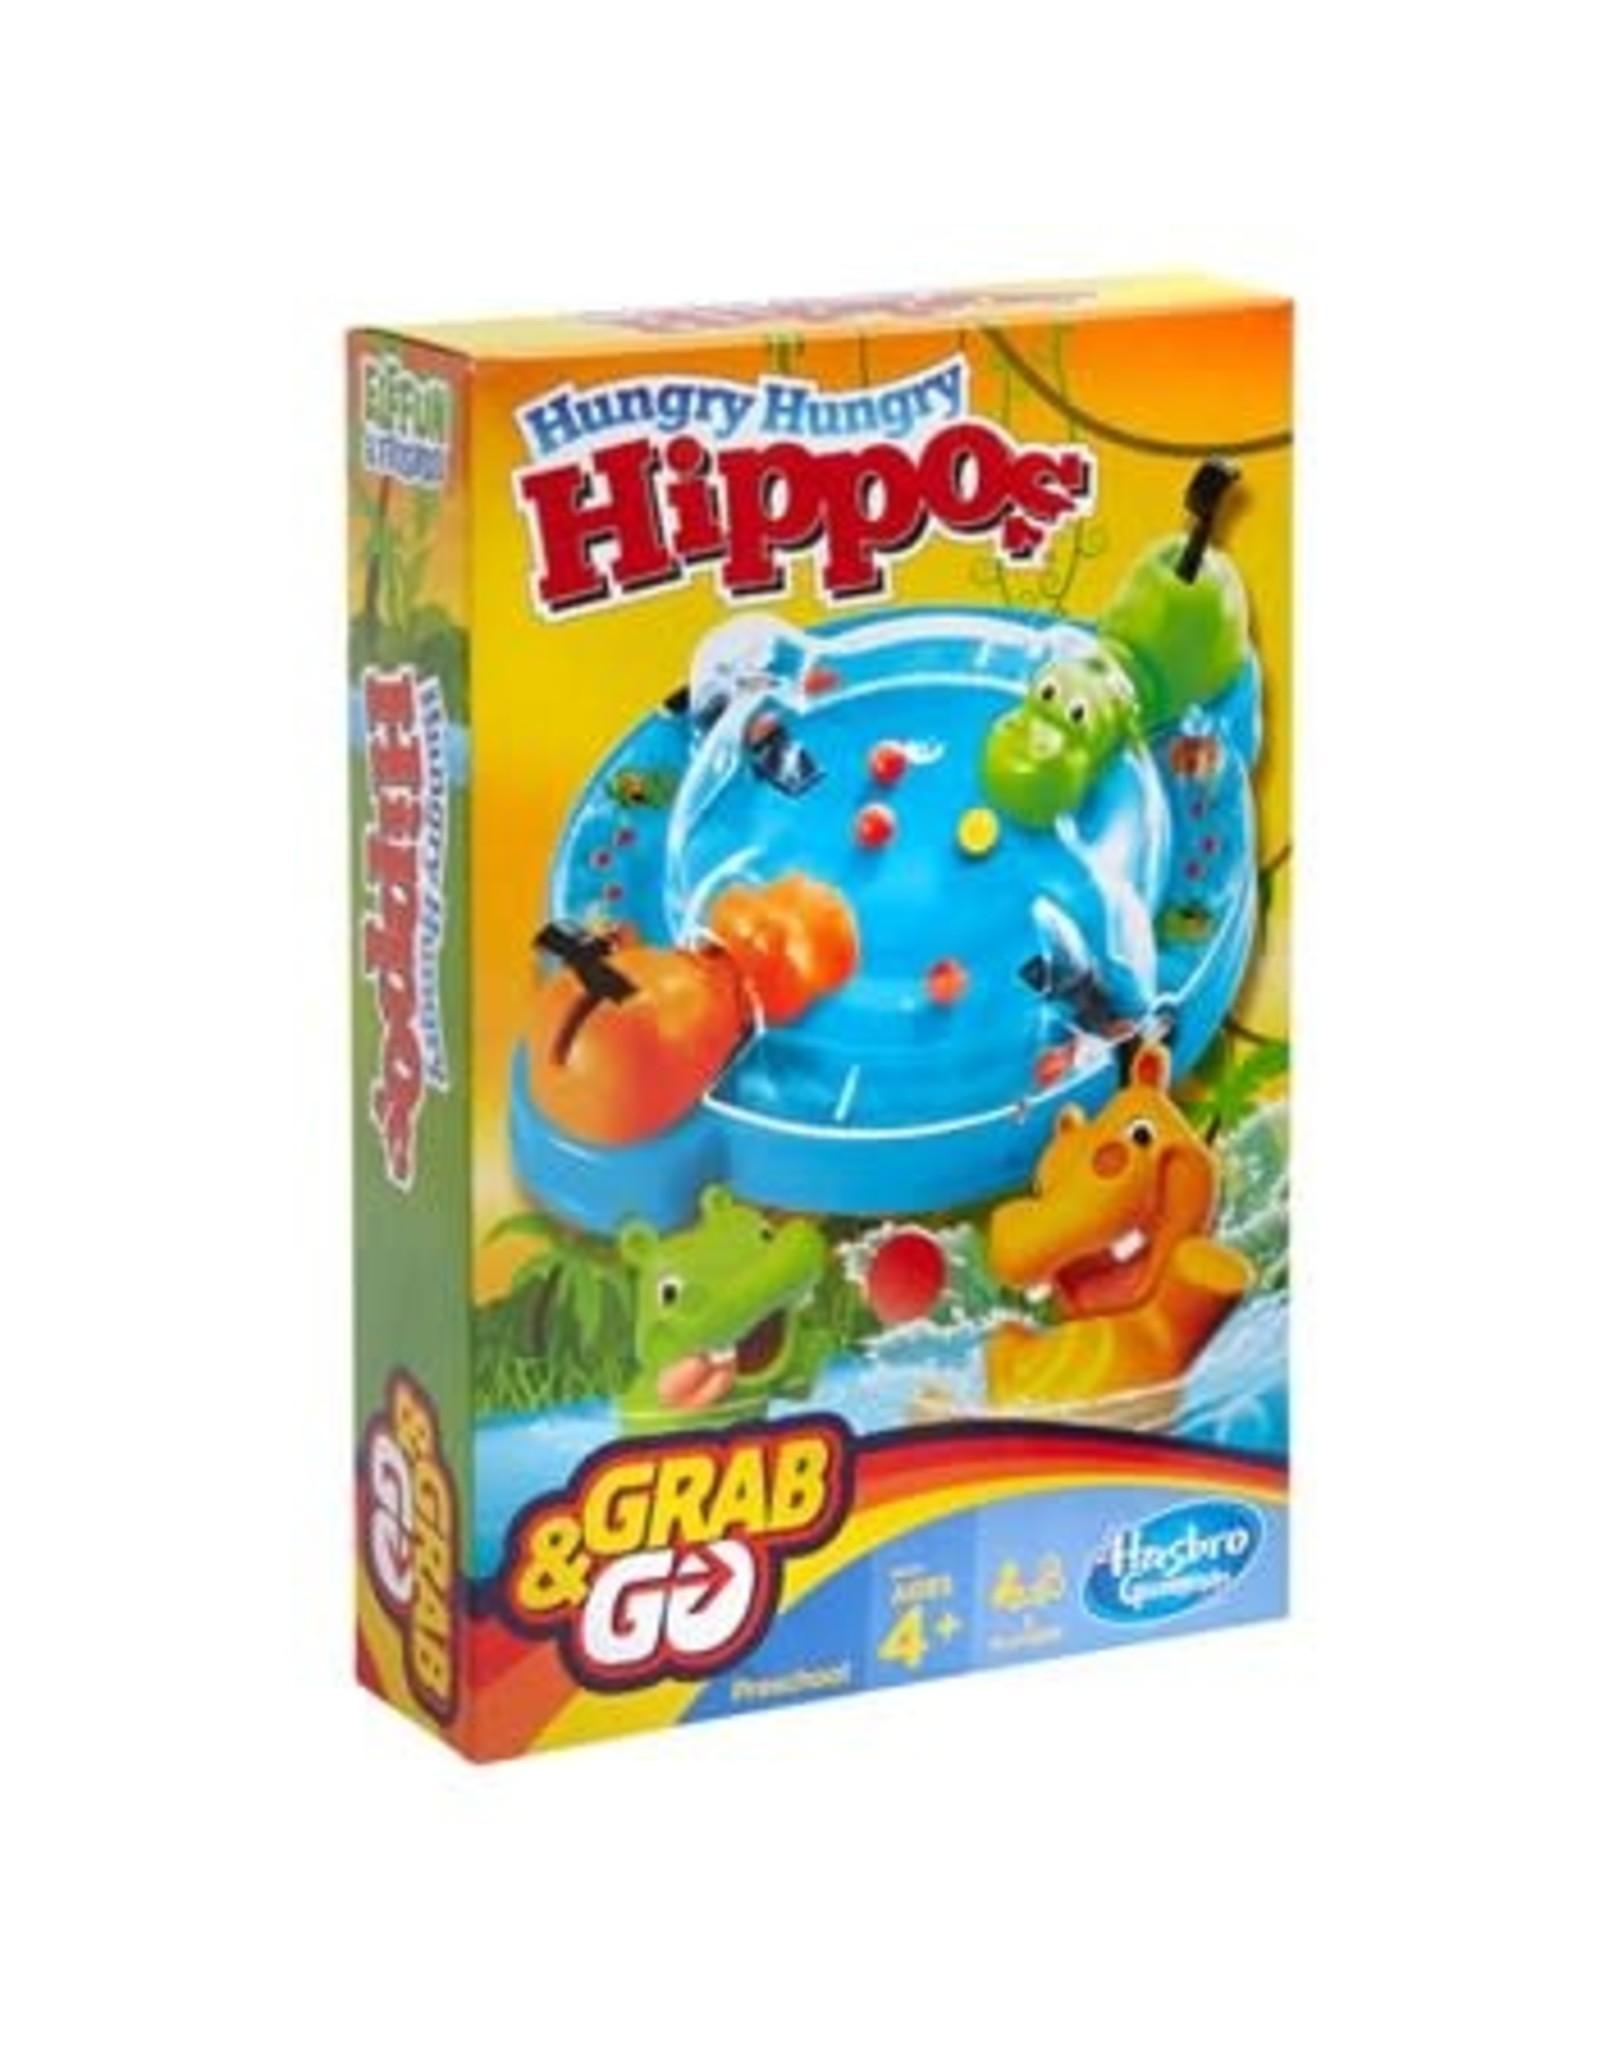 Hasbro Grab N Go Hungry Hungry Hippos